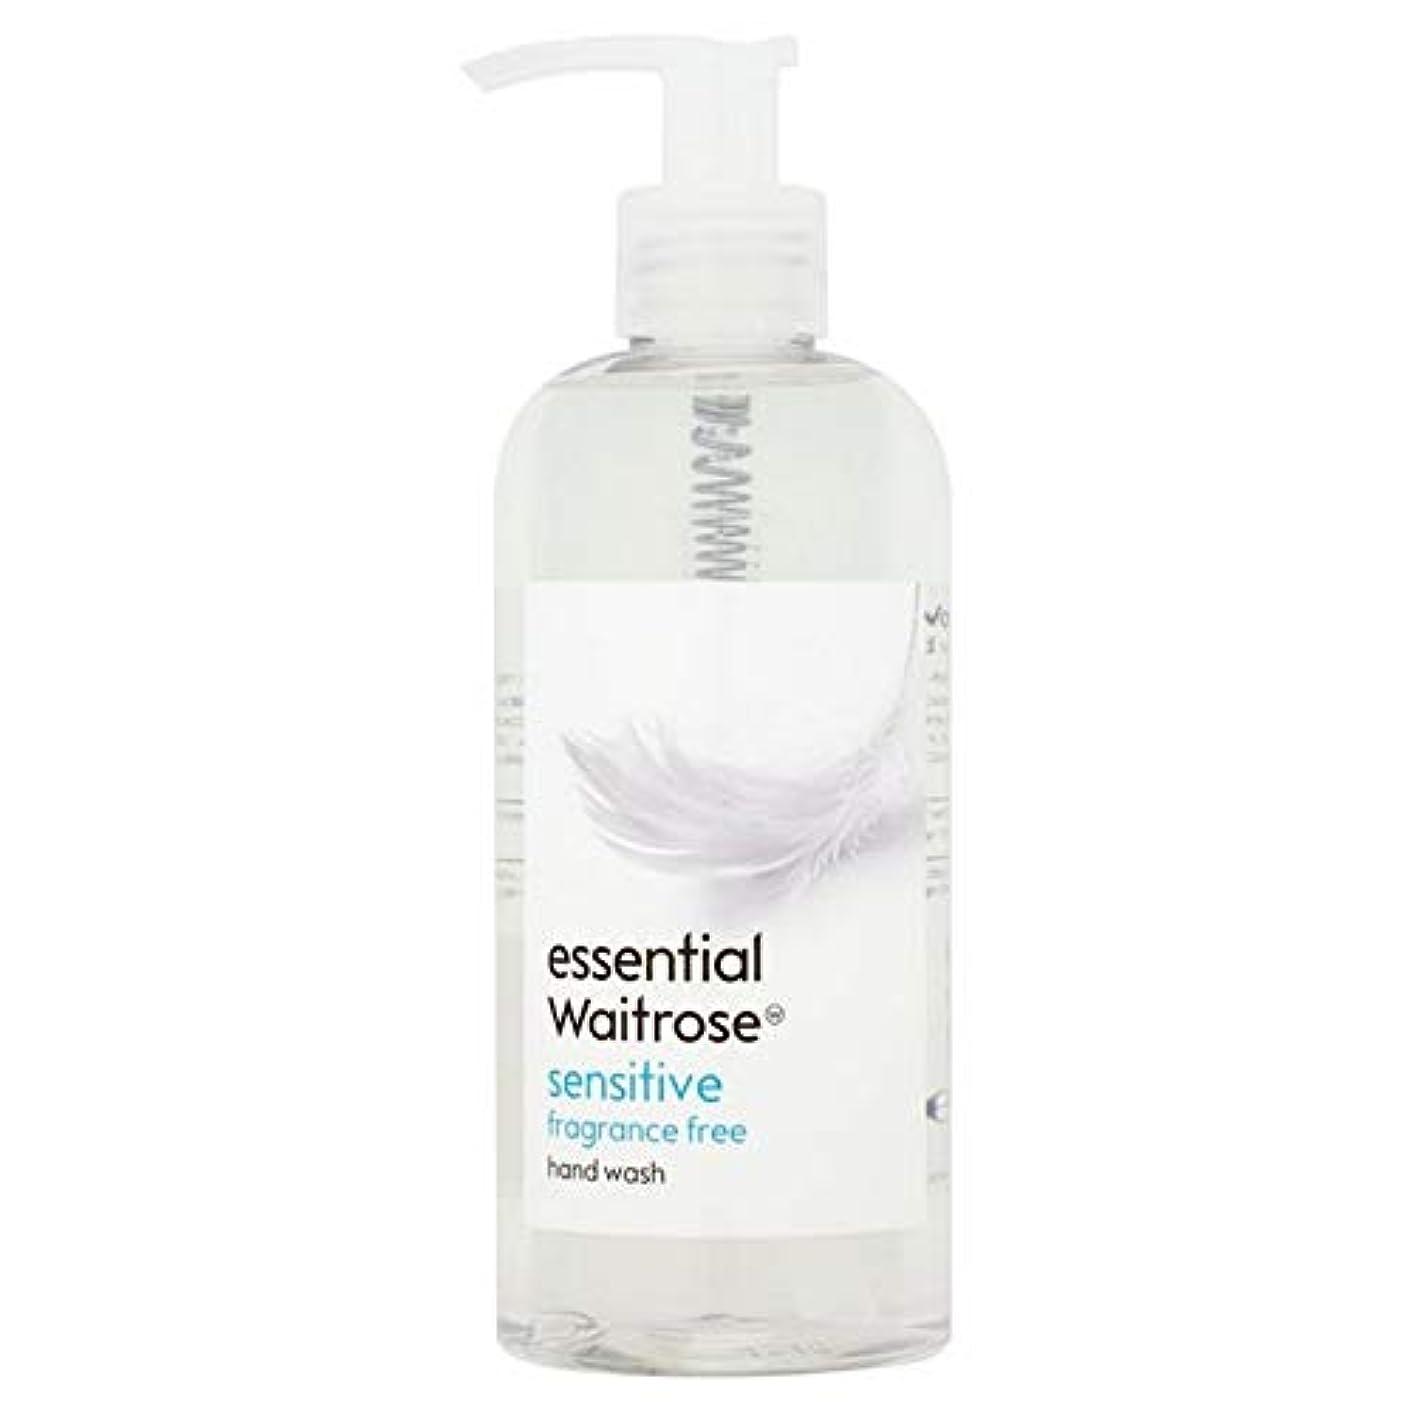 多年生なかなか試す[Waitrose ] 基本的なウェイトローズのハンドウォッシュ敏感な300ミリリットル - Essential Waitrose Hand Wash Sensitive 300ml [並行輸入品]